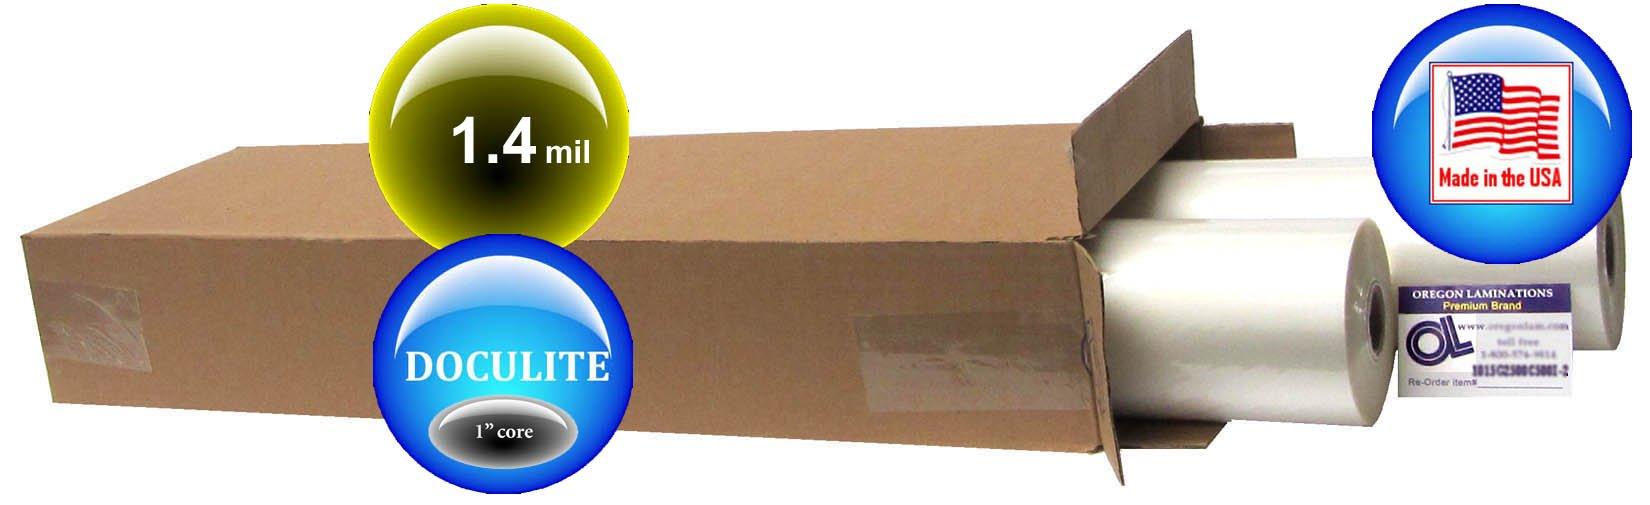 Adlam Doculite Hot Laminating Film 27-inch x 500-feet x 1-inch core (2 Rolls) 1.3 Mil by Oregon Lamination